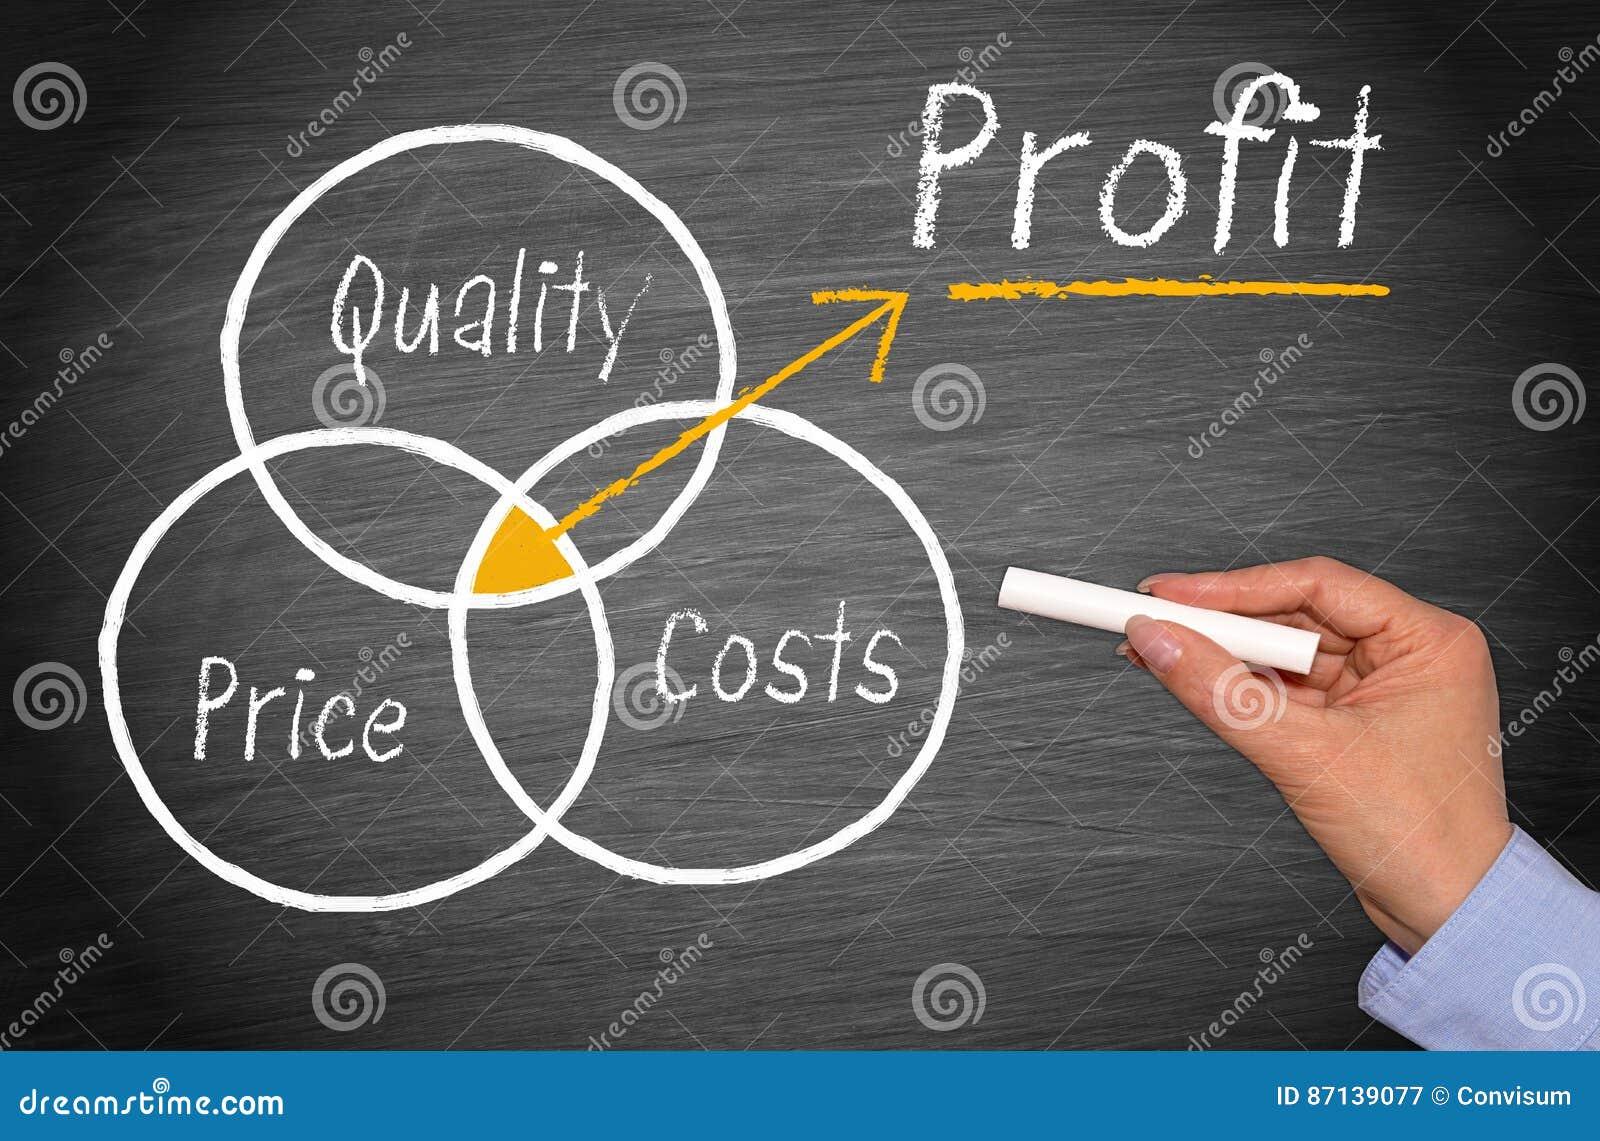 Qualidade, preço e custos - lucro